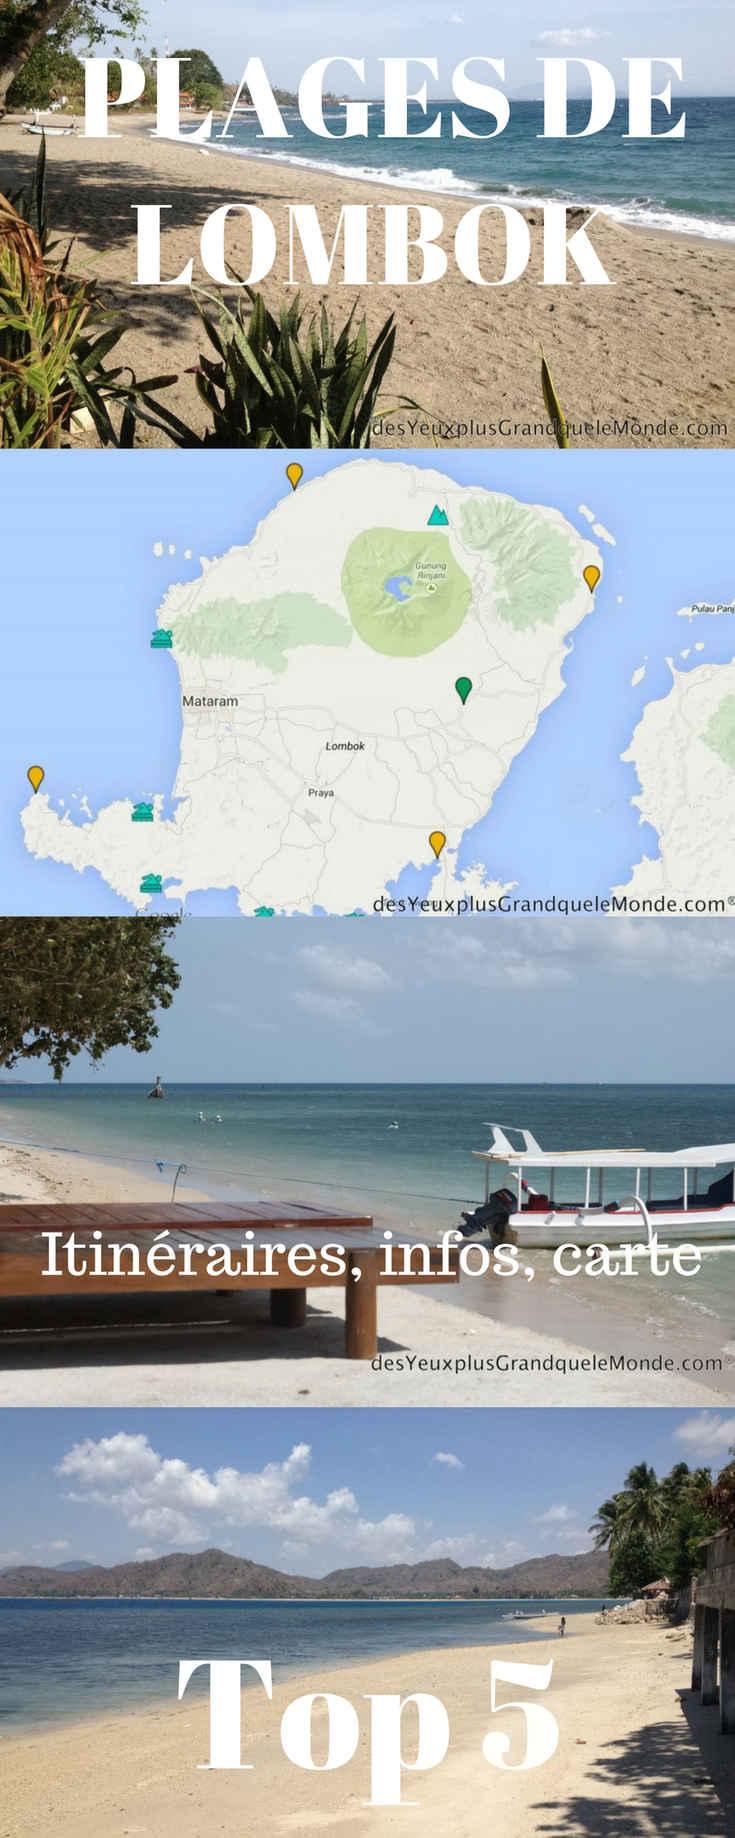 A découvrir dans cet article: 5 plages de Lombok à ne pas manquer, des informations, des itinéraires, une carte et des photos. Magnifique île de Lombok en Indonésie !